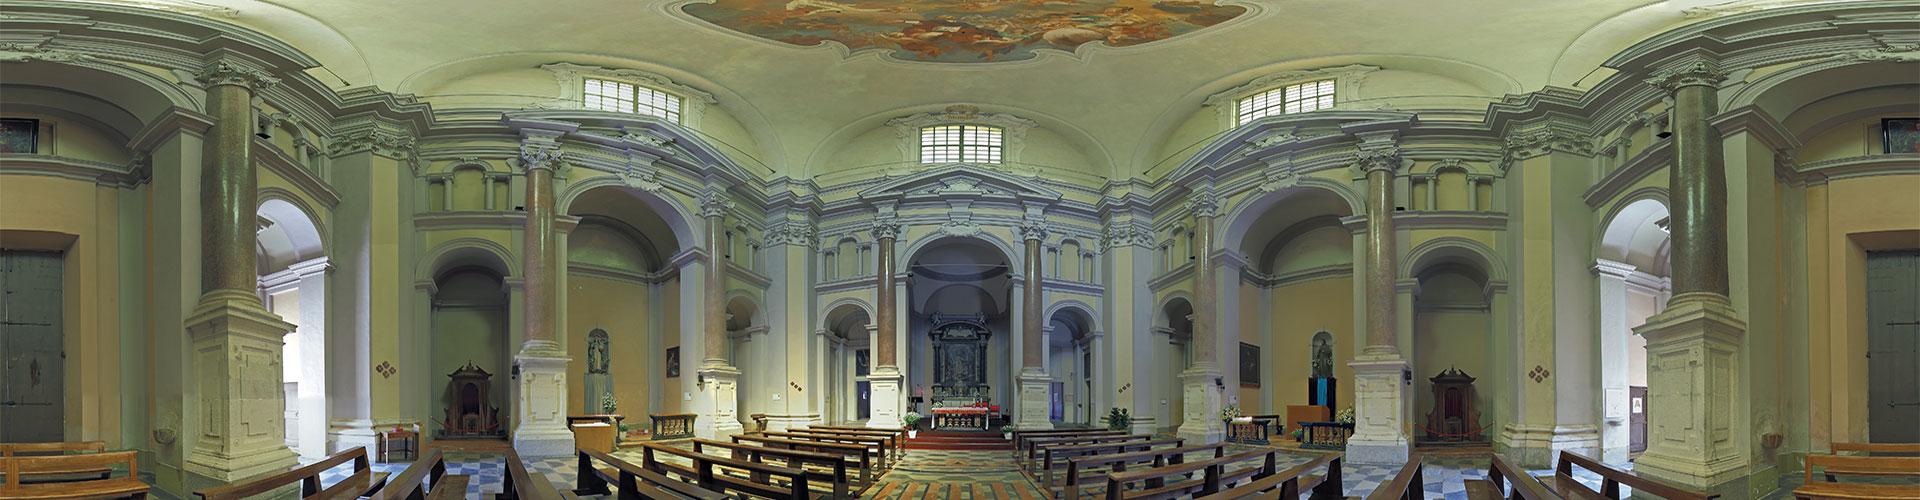 Interno della Chiesa San Borromeo ad Arona